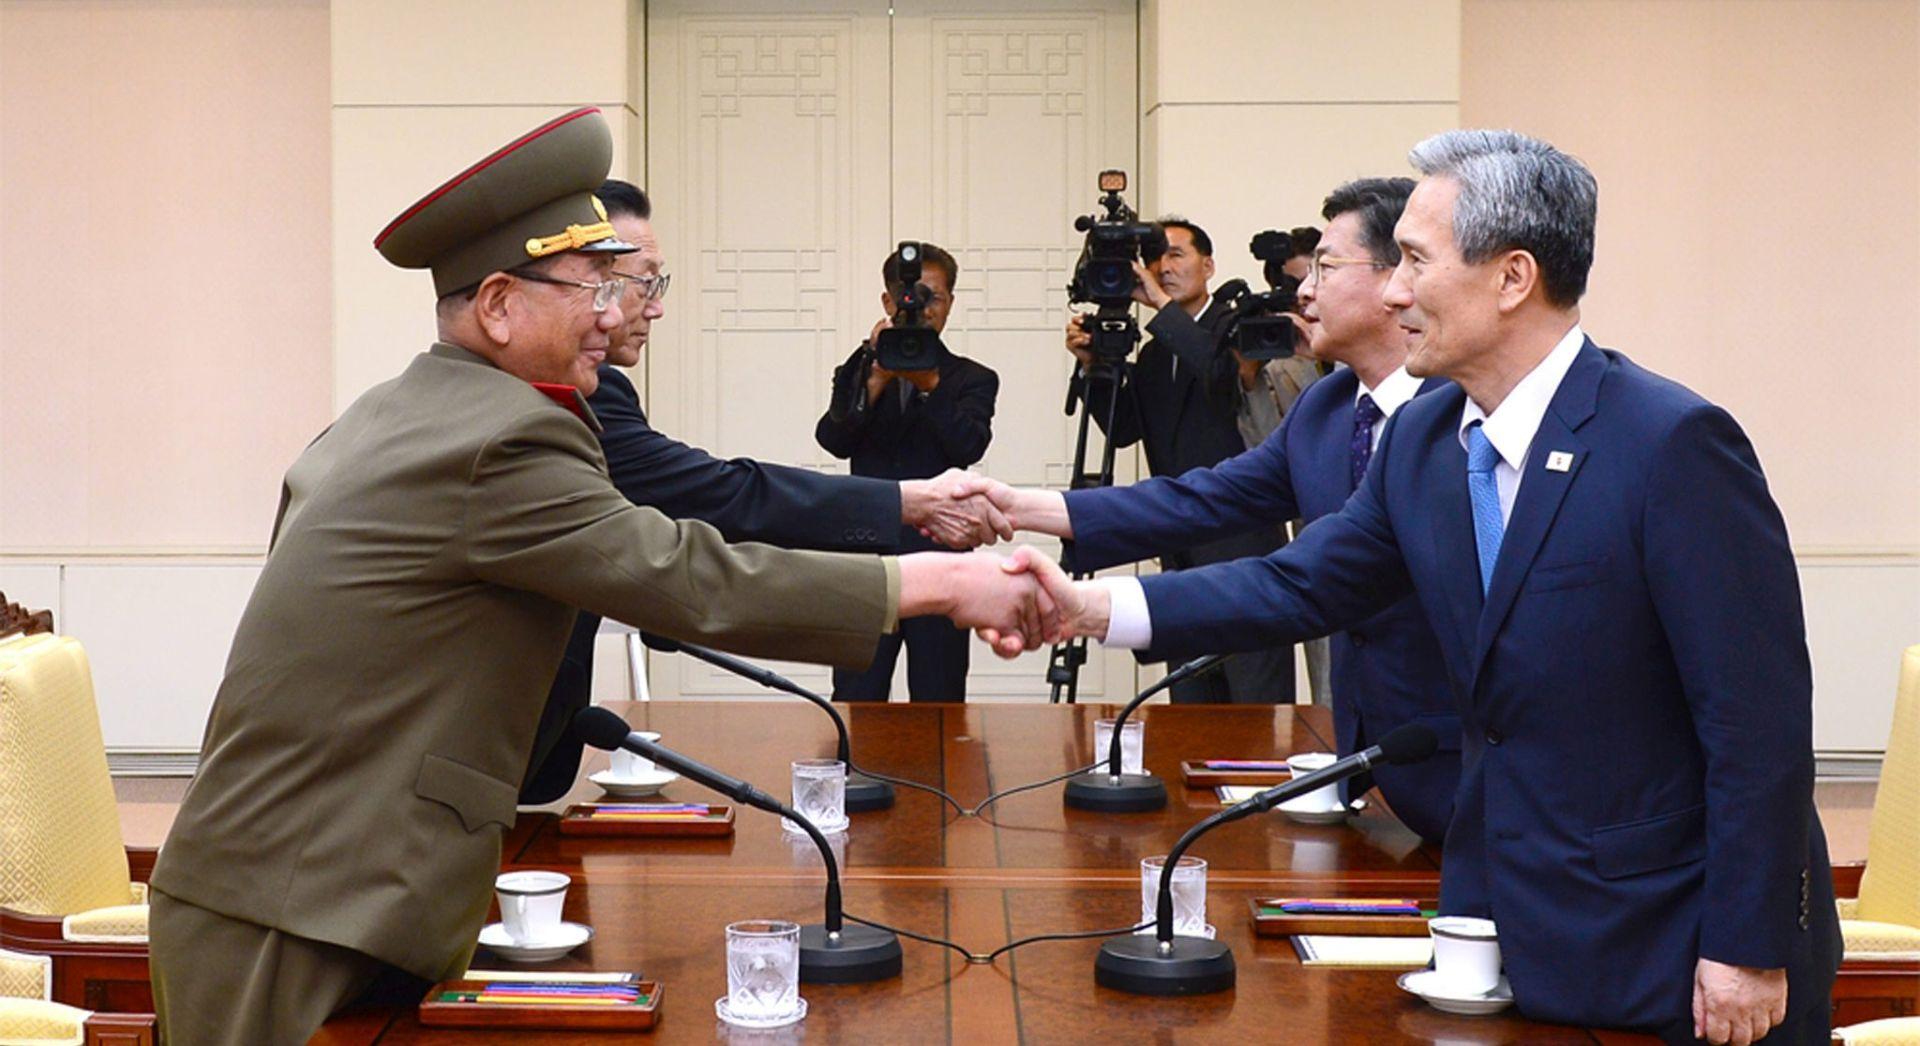 Sjeverna i Južna Koreja pregovaraju o smanjenju napetosti